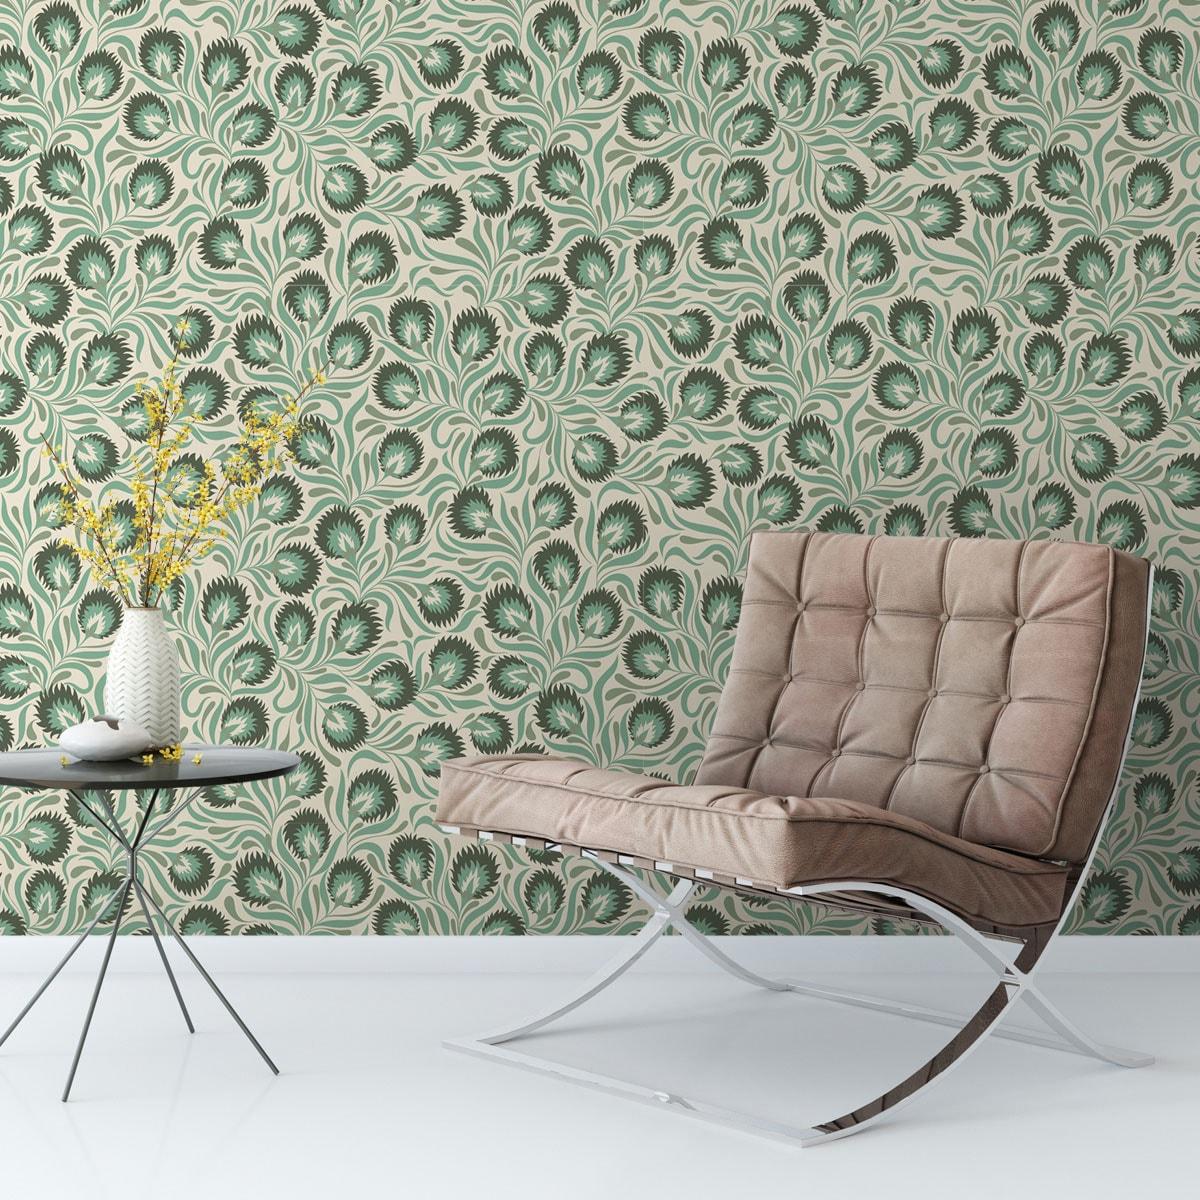 Wandtapete grün: Feine Jugendstil Tapete mit großen Blüten in grün angepasst an Farrow & Ball Wandfarben - Vliestapete Blumen